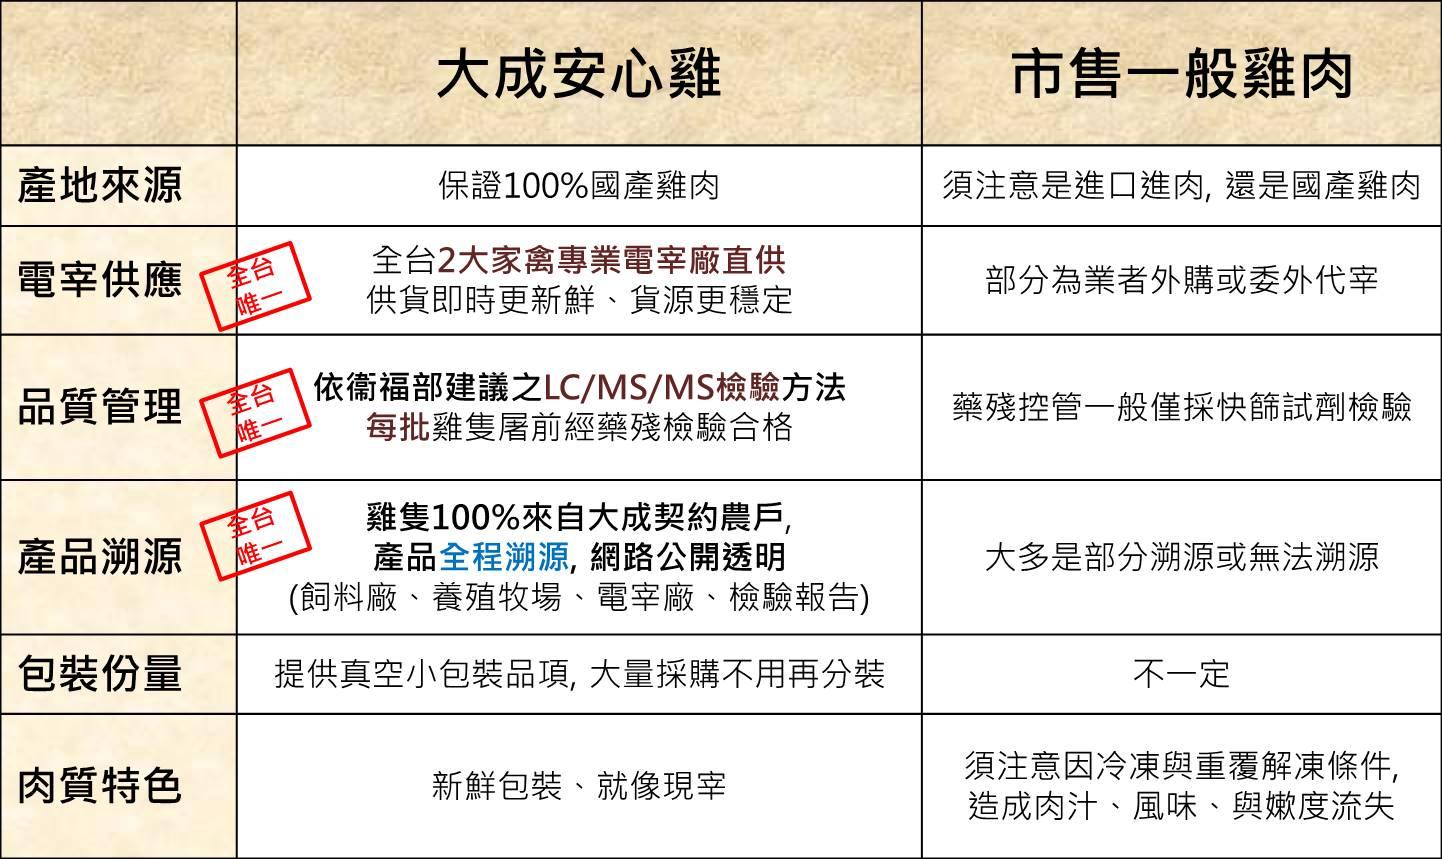 大成安心雞pk市售一般雞肉.jpg (188 KB)